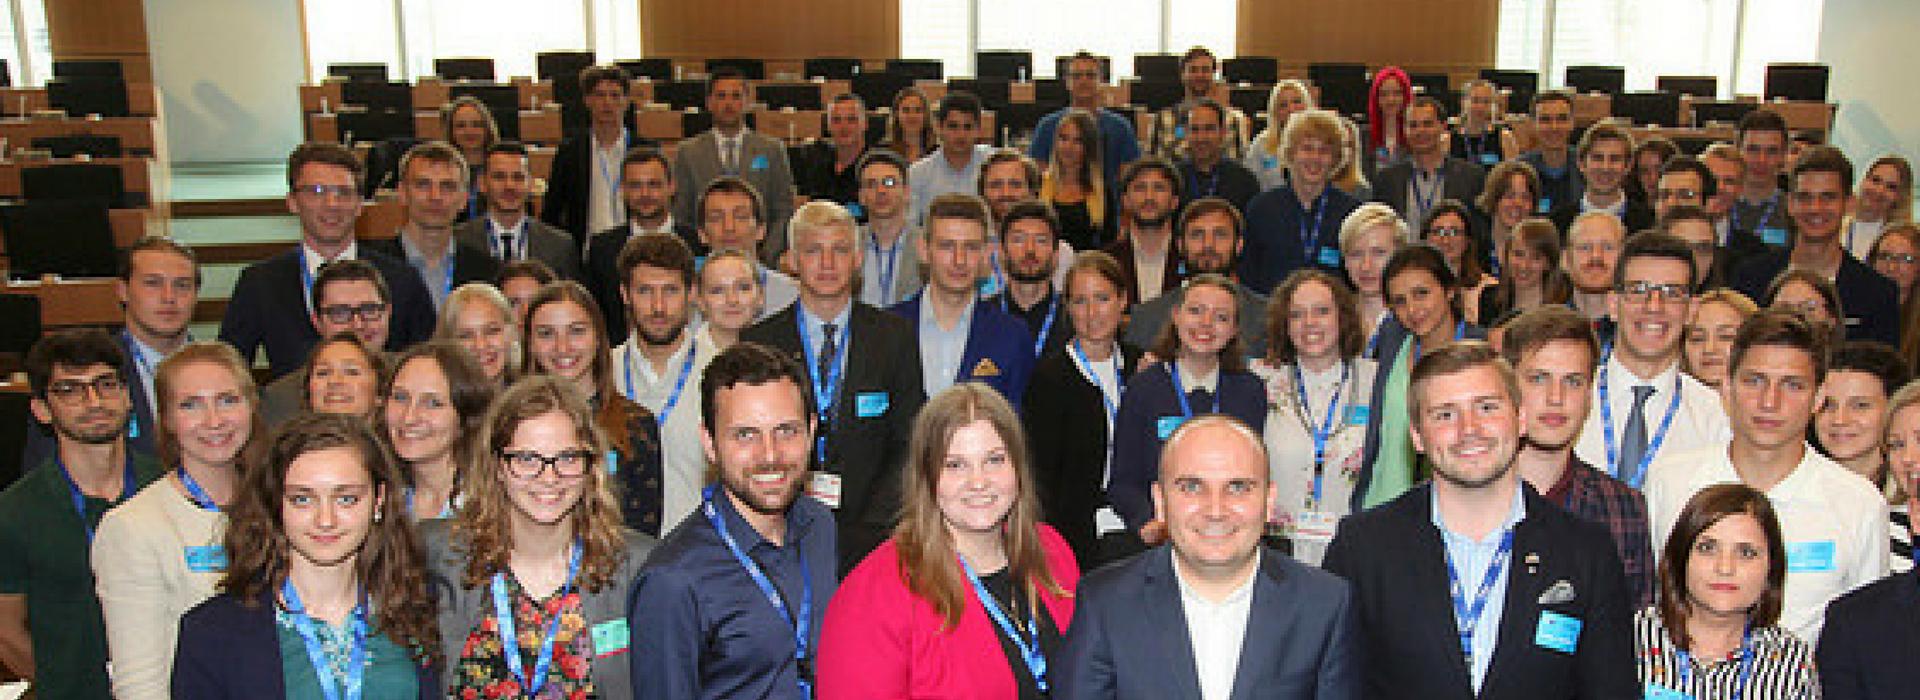 Generazione Futura all'ALDE Summer Academy